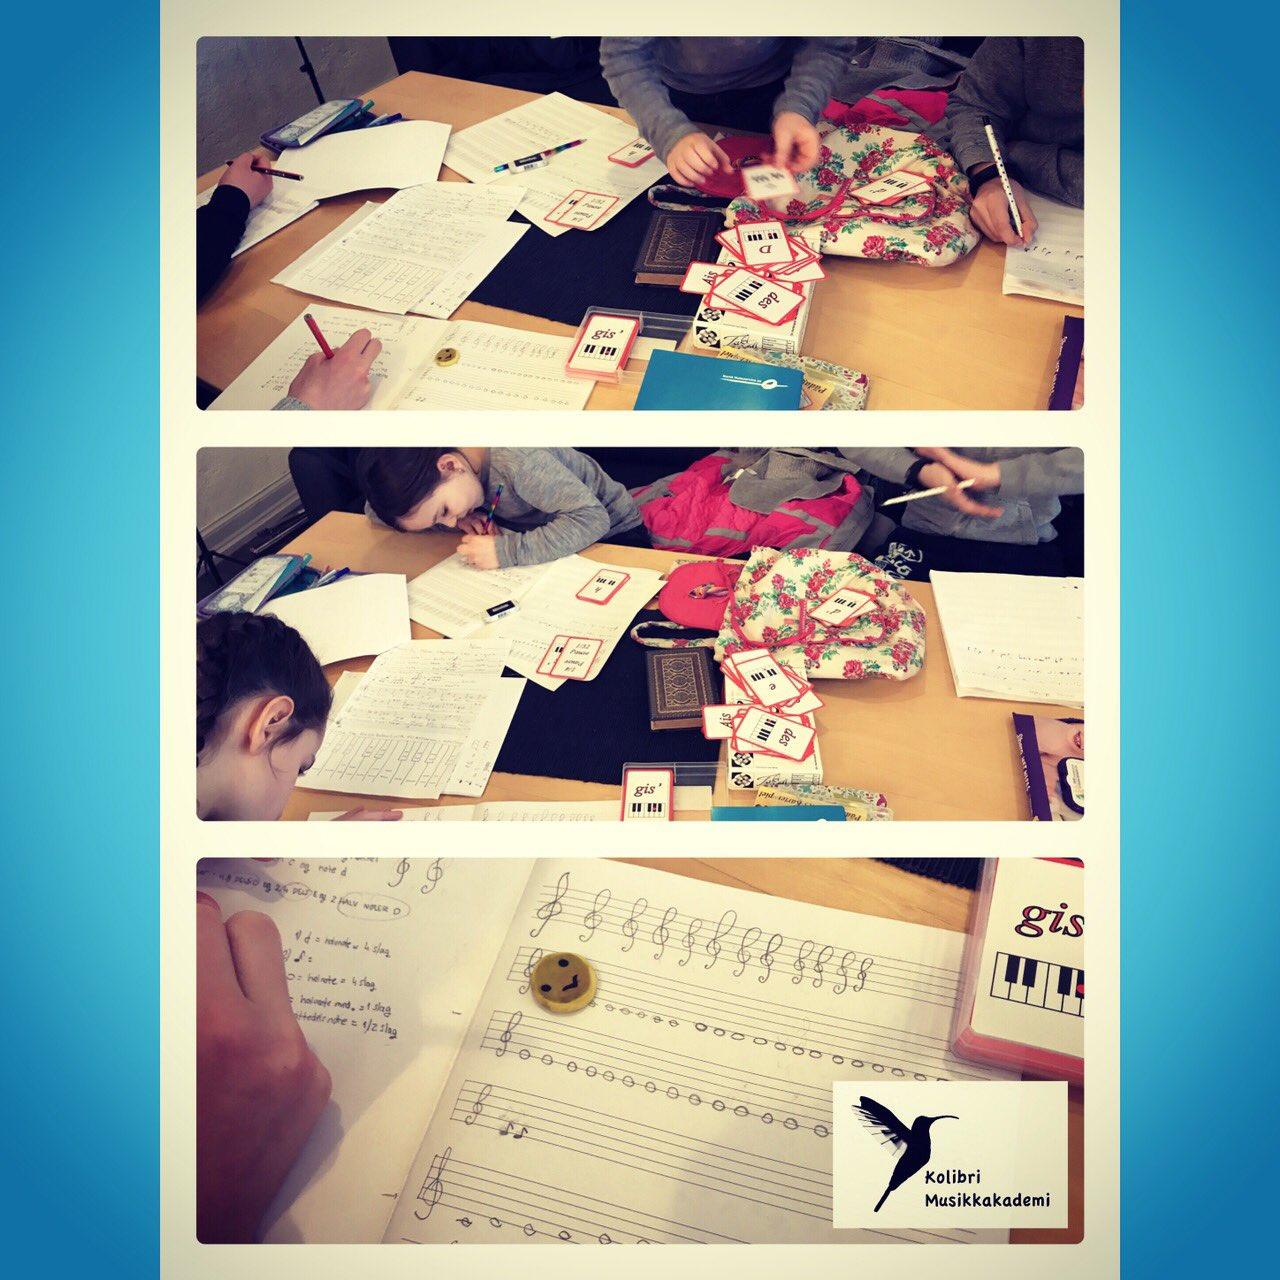 notelære barn 7-13 år, noteopplæring, notelesning, musikkteori barn